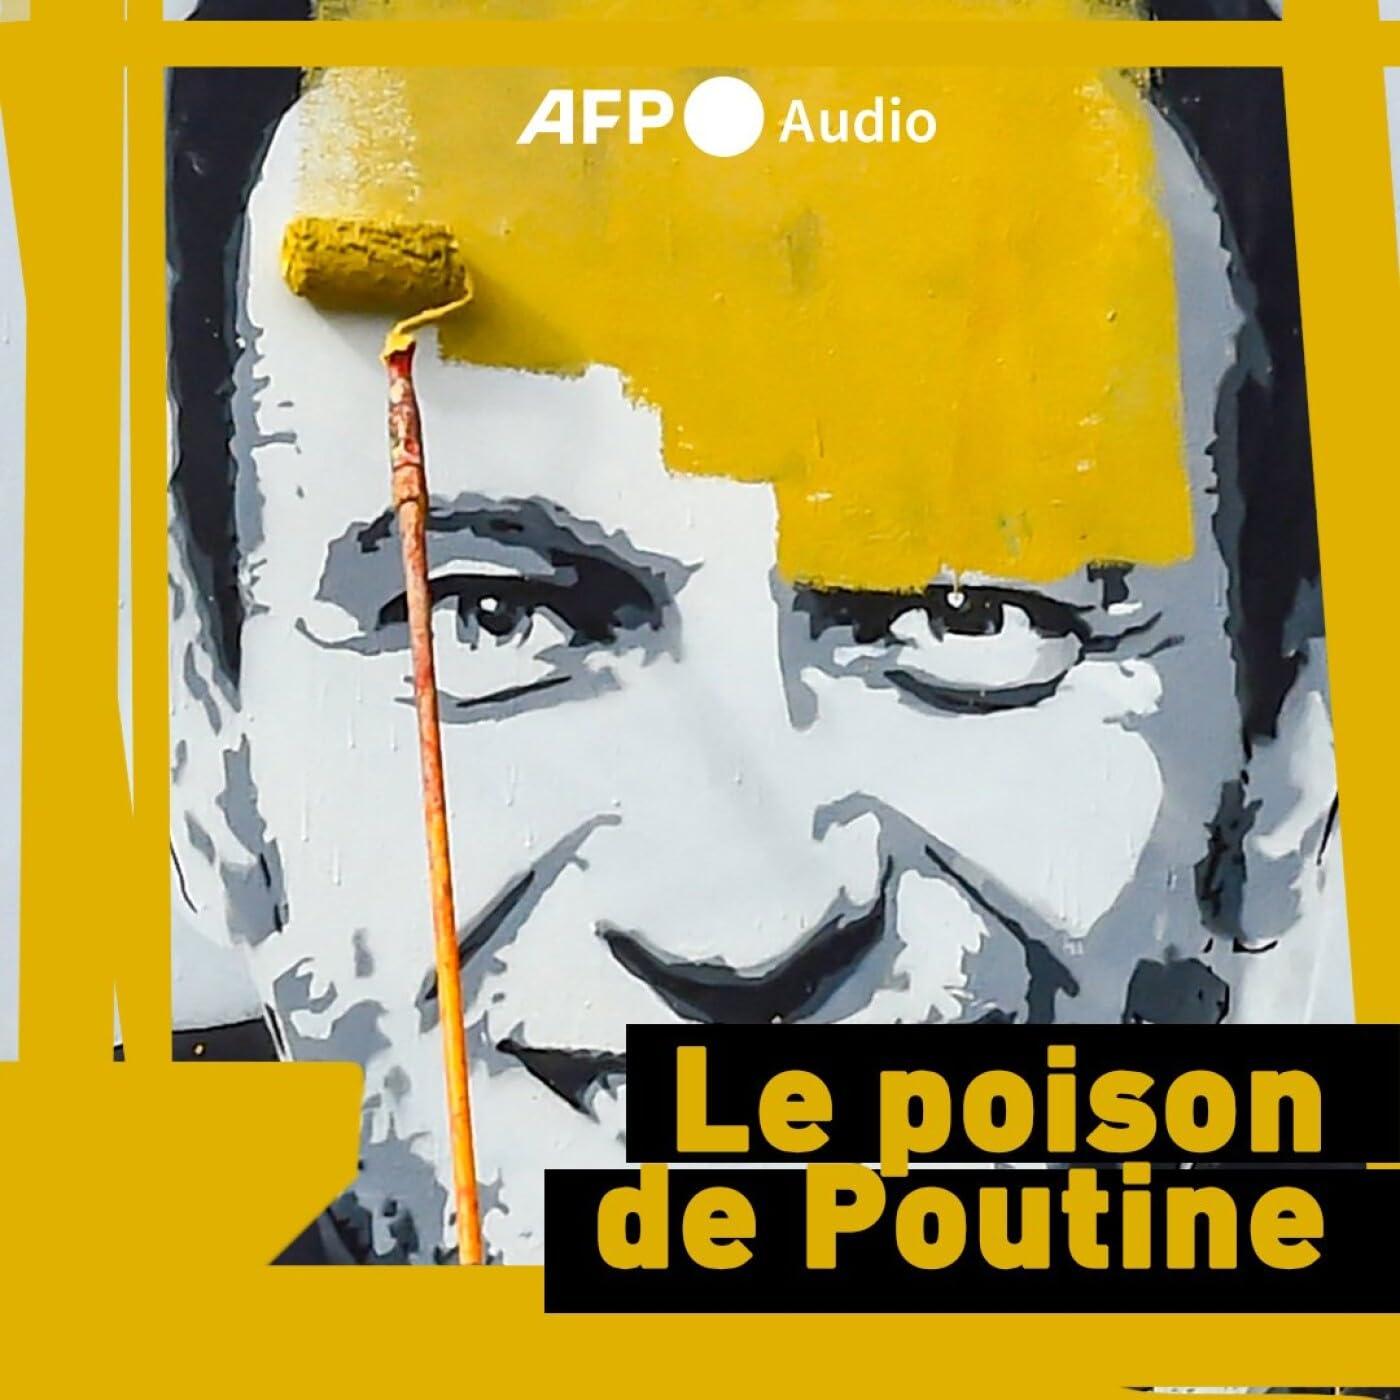 Le poison de Poutine